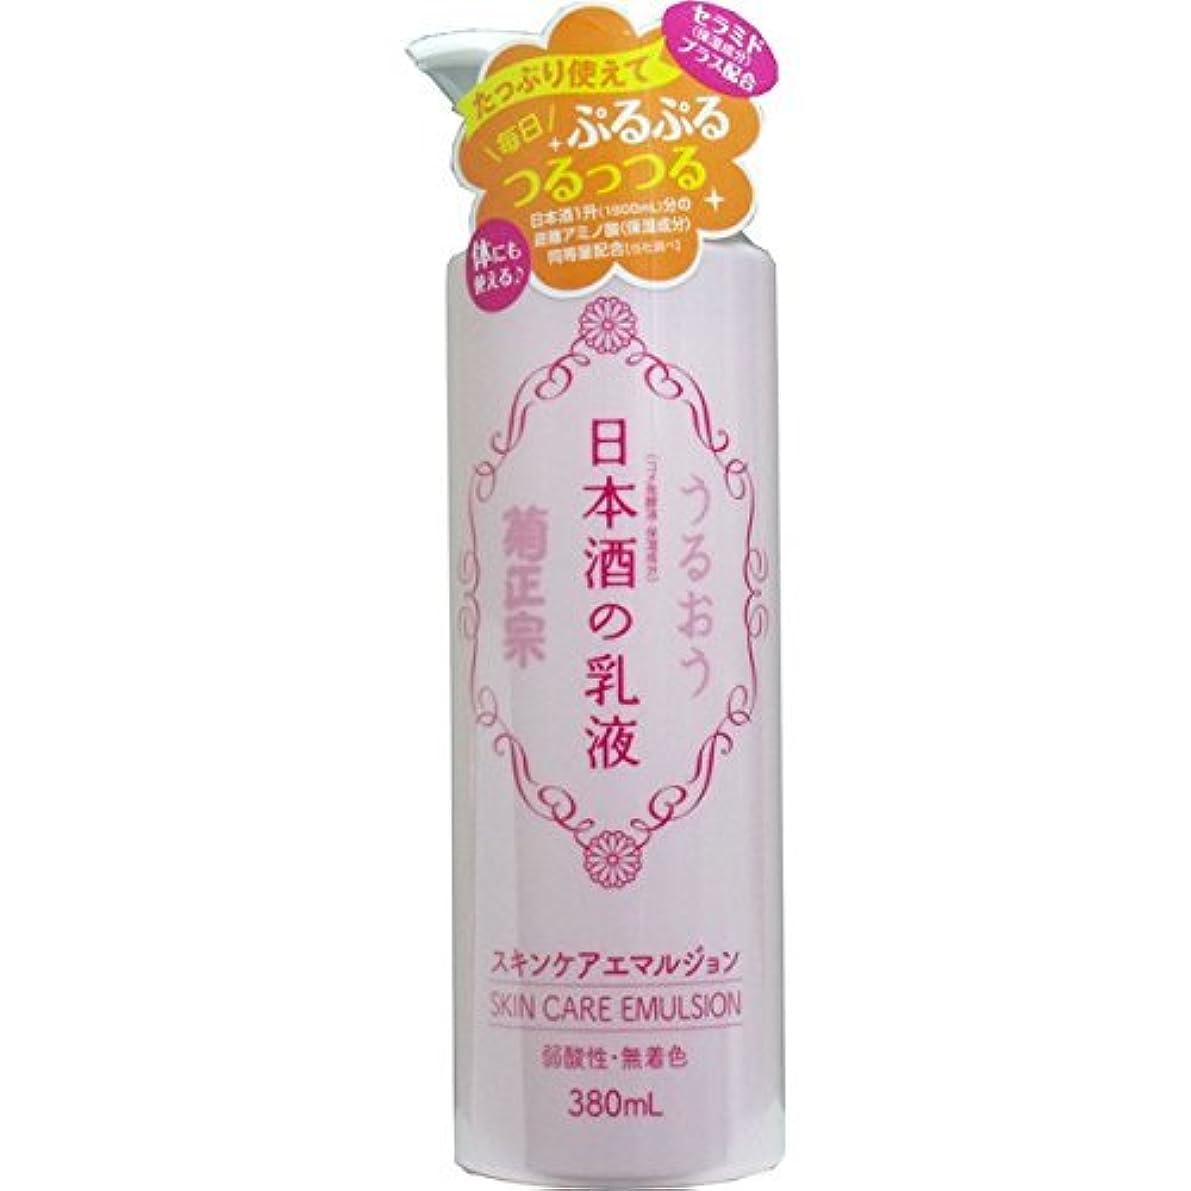 シットコム短くするペレット菊正宗 日本酒の乳液 380ml ×10